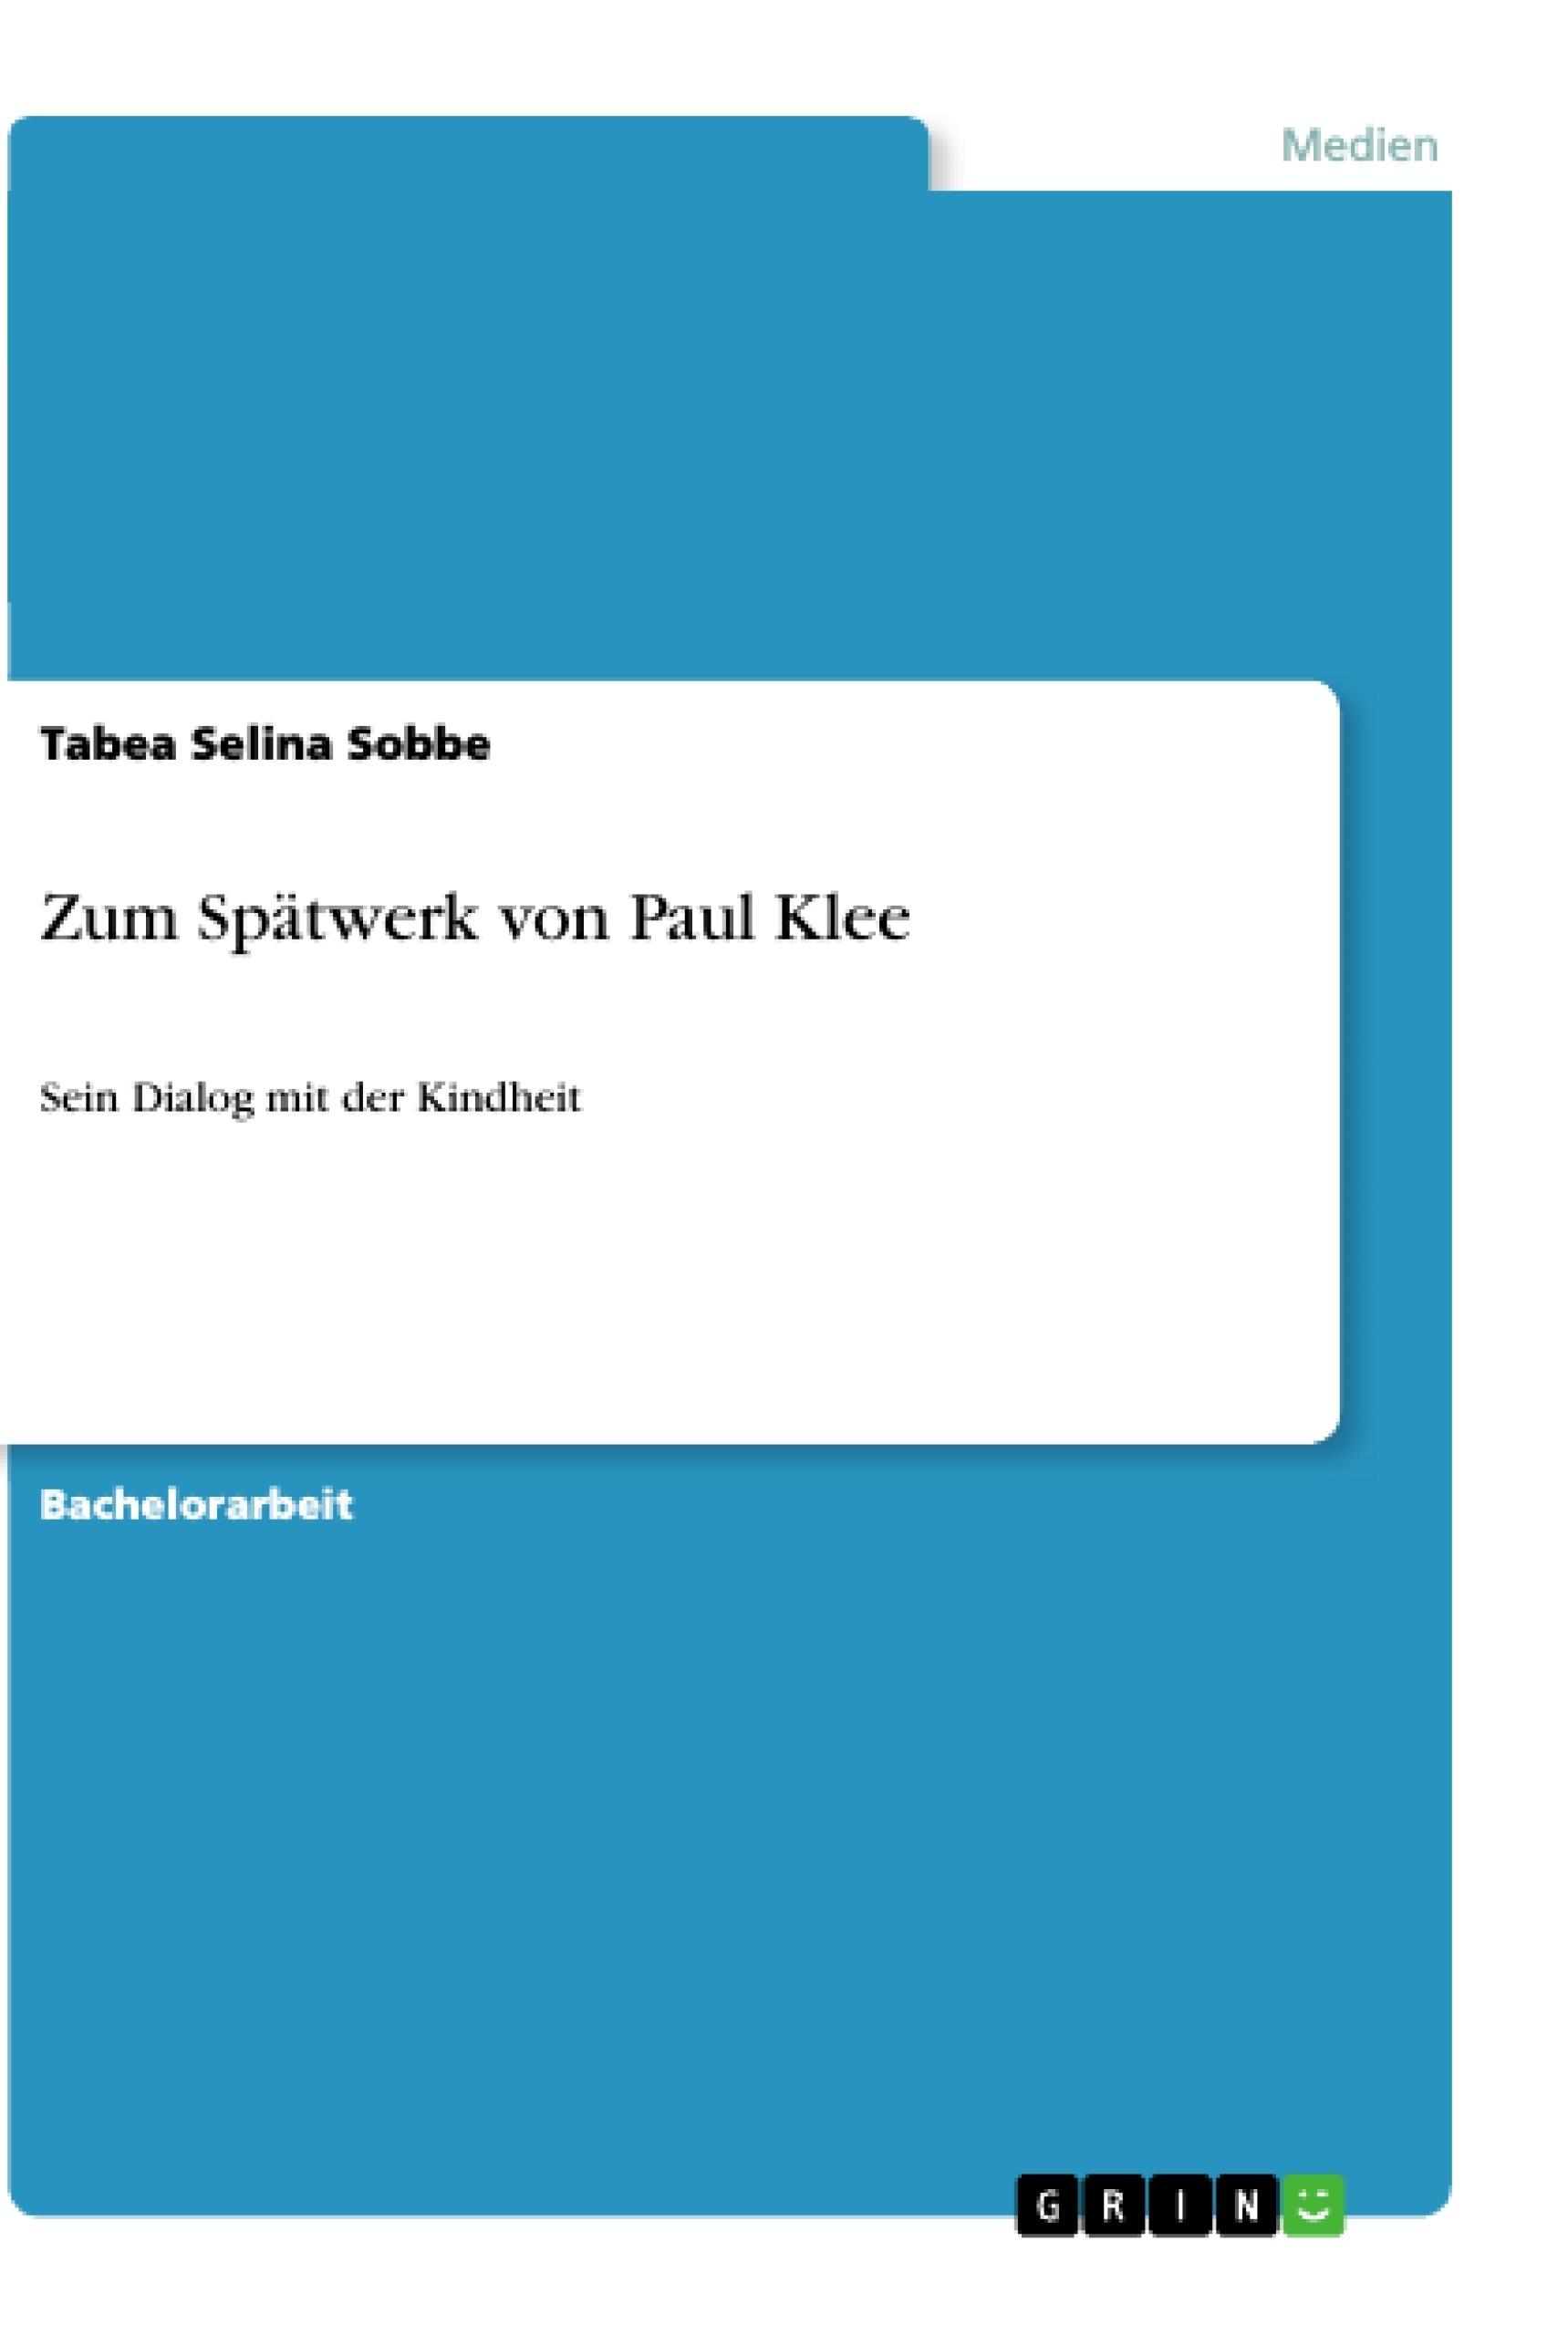 Titel: Zum Spätwerk von Paul Klee